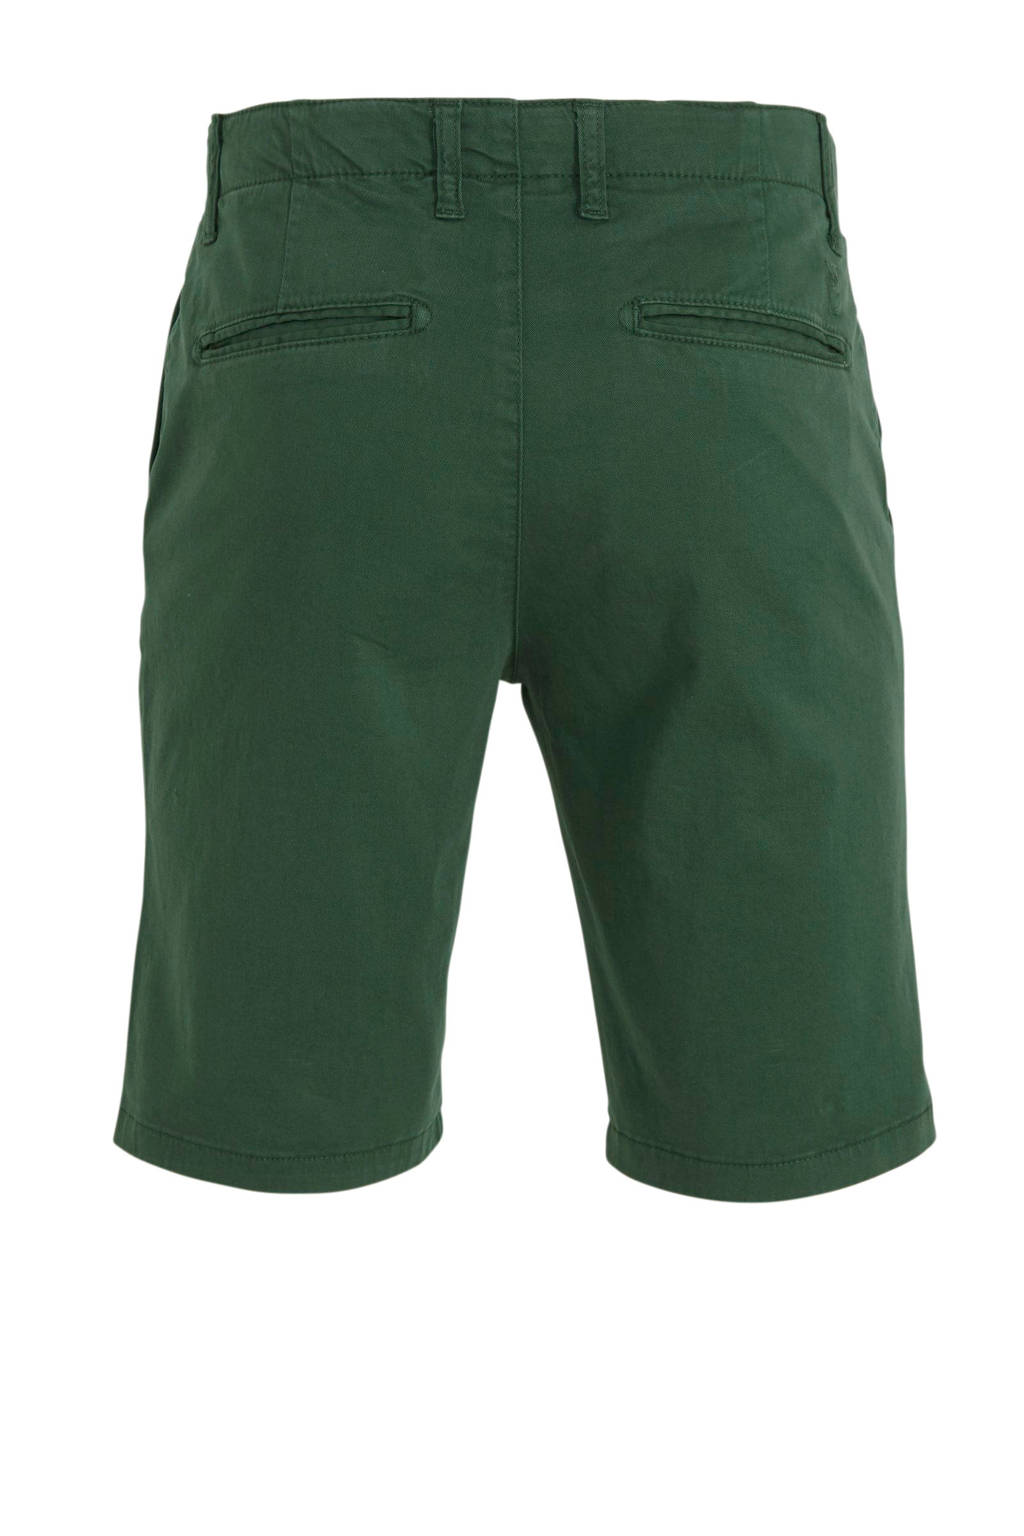 Knowledge Cotton Apparel slim fit bermuda groen, Groen